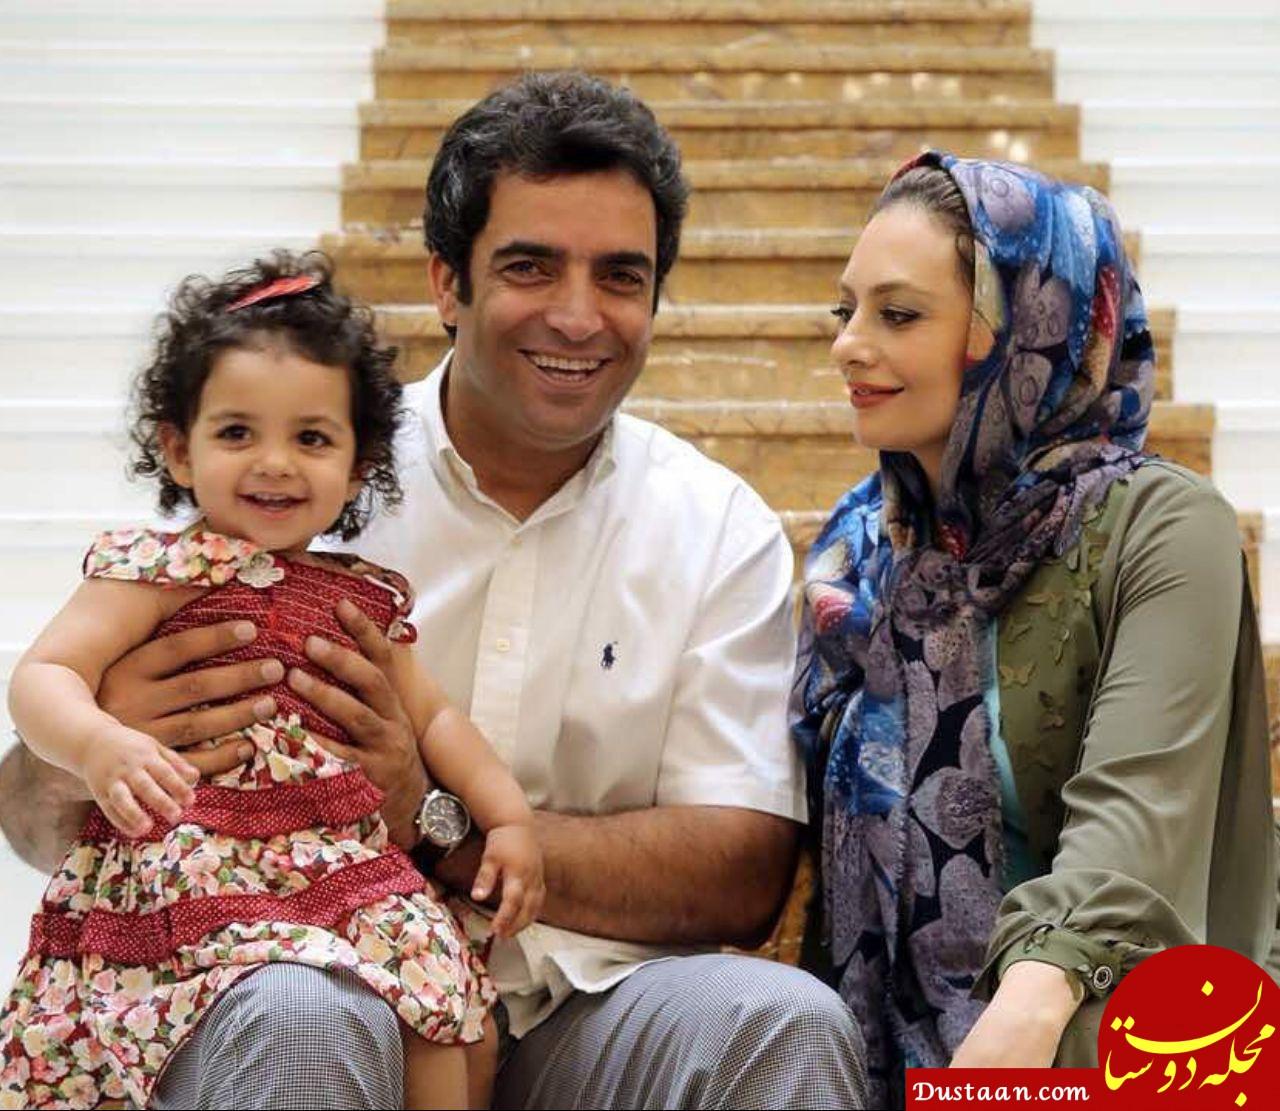 بیوگرافی و عکس های دیدنی یکتا ناصر و همسرش منوچهر هادی و دخترش سوفیا